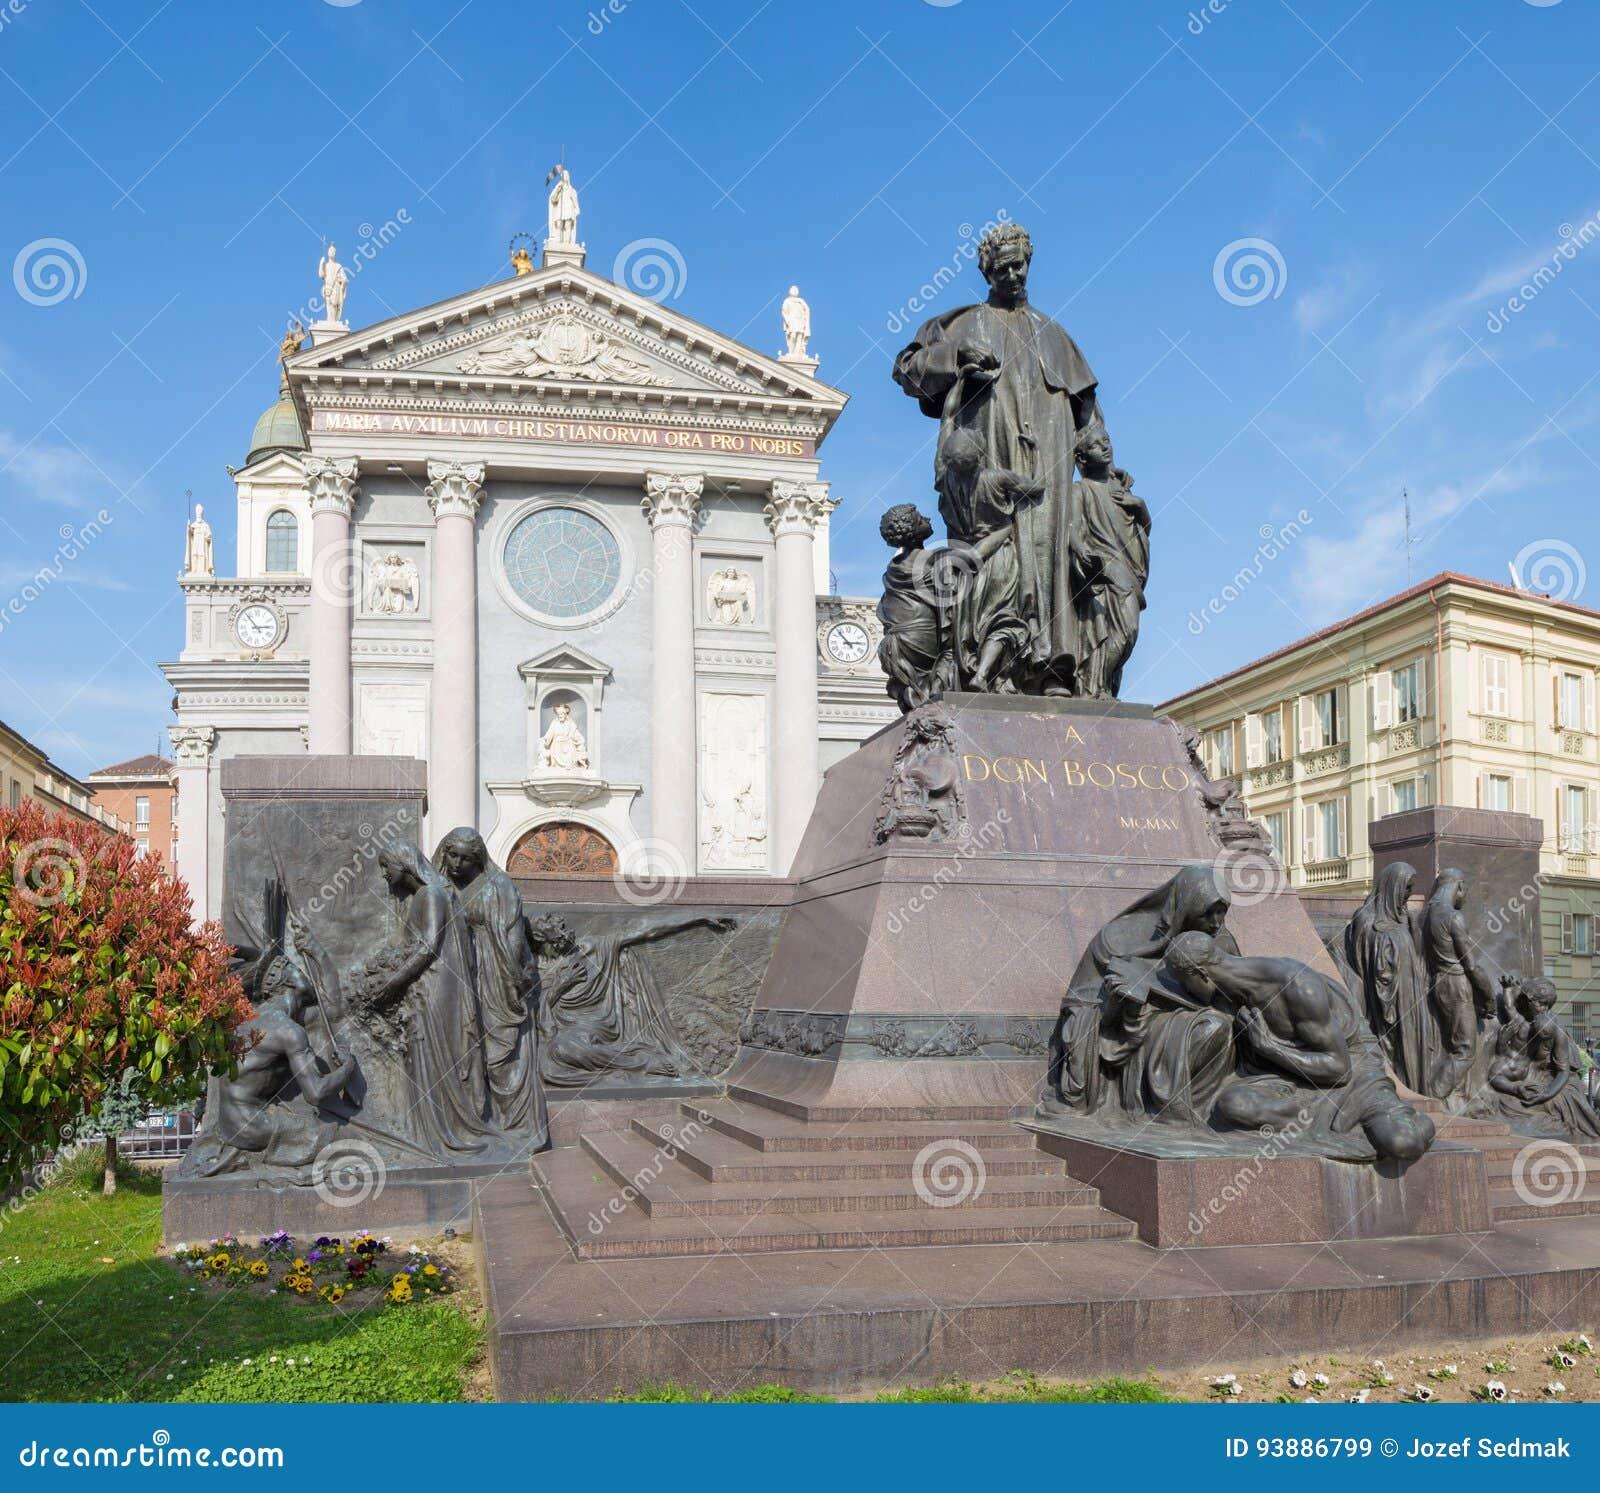 ТУРИН, ИТАЛИЯ - 15-ОЕ МАРТА 2017: Статуя Дон Bosco основатель Salesians перед базиликой Марией Ausilatrice